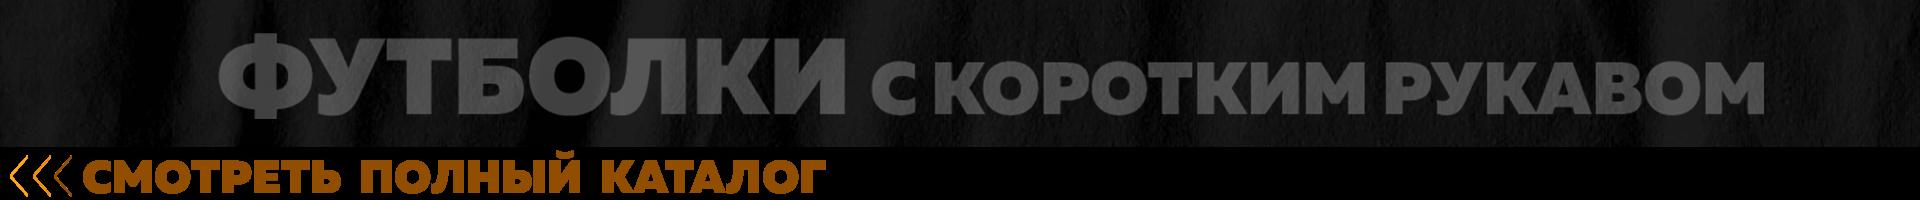 Футболки мужские и подростковые брендовые Unkut - онлайн каталог интернет магазина EGOист маркет.